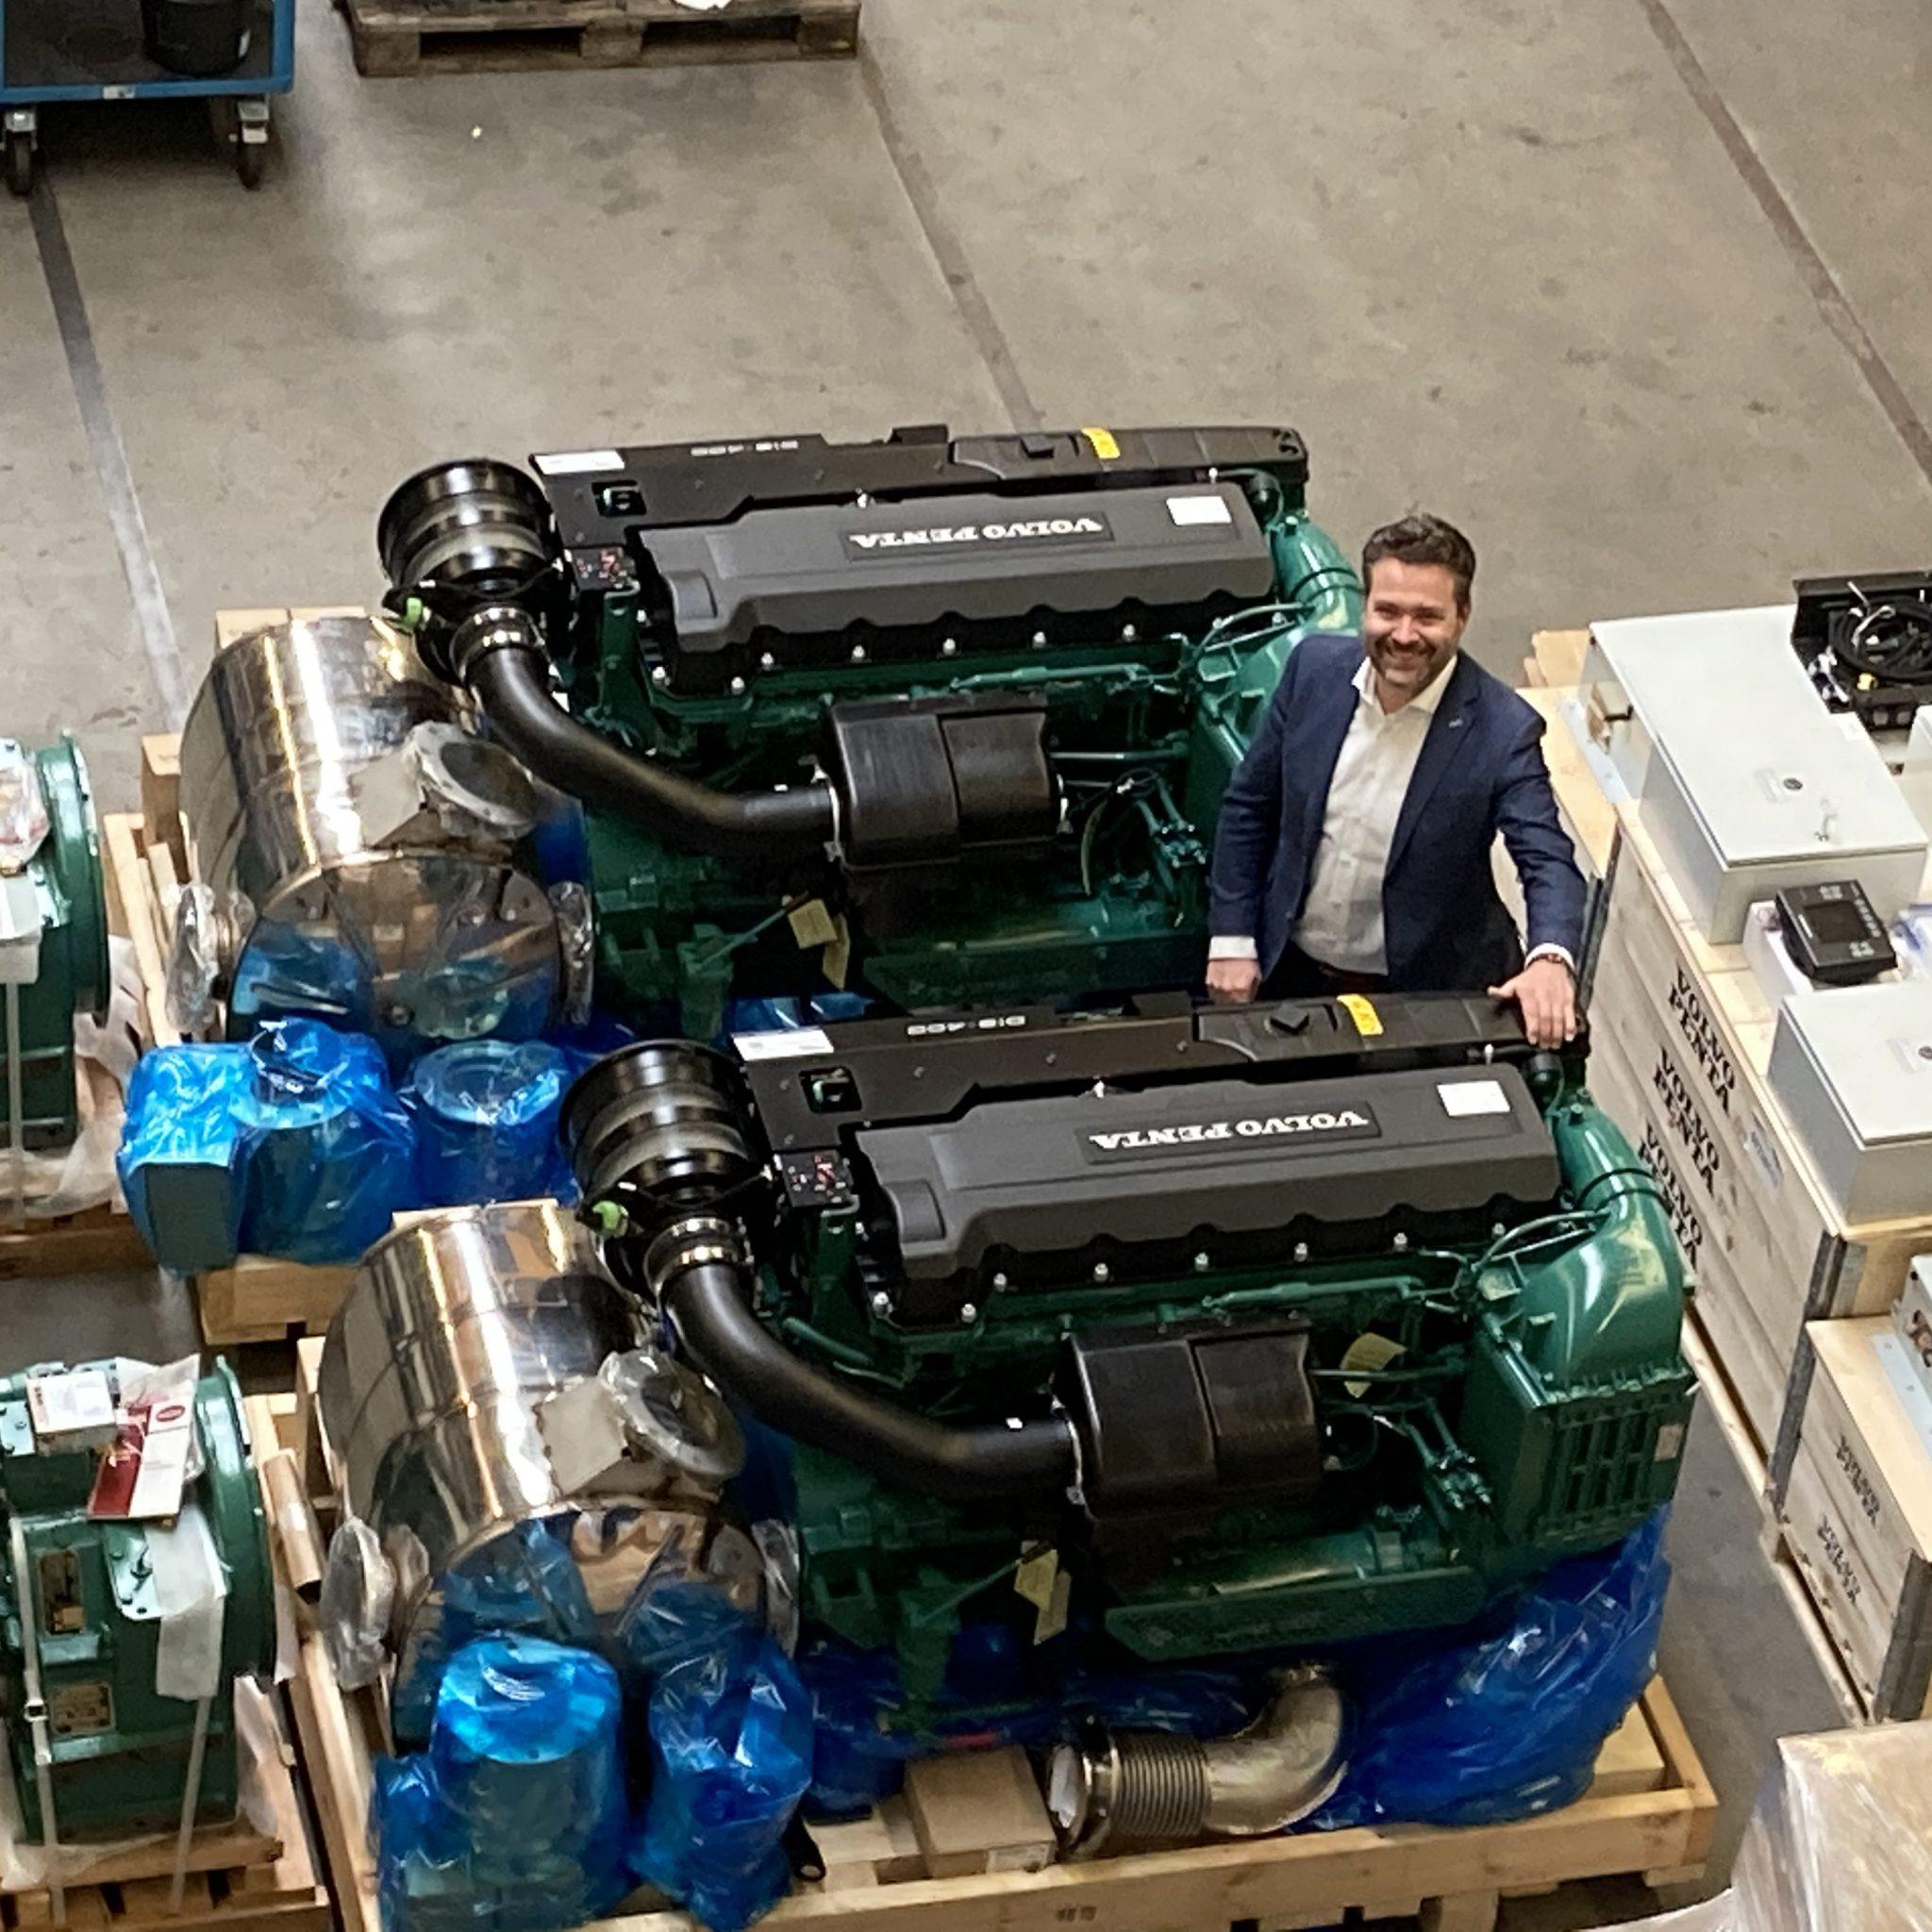 Bij Lemmen Diesel Engines BV aan de Beneden Merwede in Sliedrecht zijn onlangs de eerste twee D13 Stage V motoren met uitlaatgassen nabehandelingsinstallatie geleverd voor het MBS Zuiderdiep van 70 meter. Jan Willem Vissers staat hier bij de motoren. (Foto Volvo Penta)